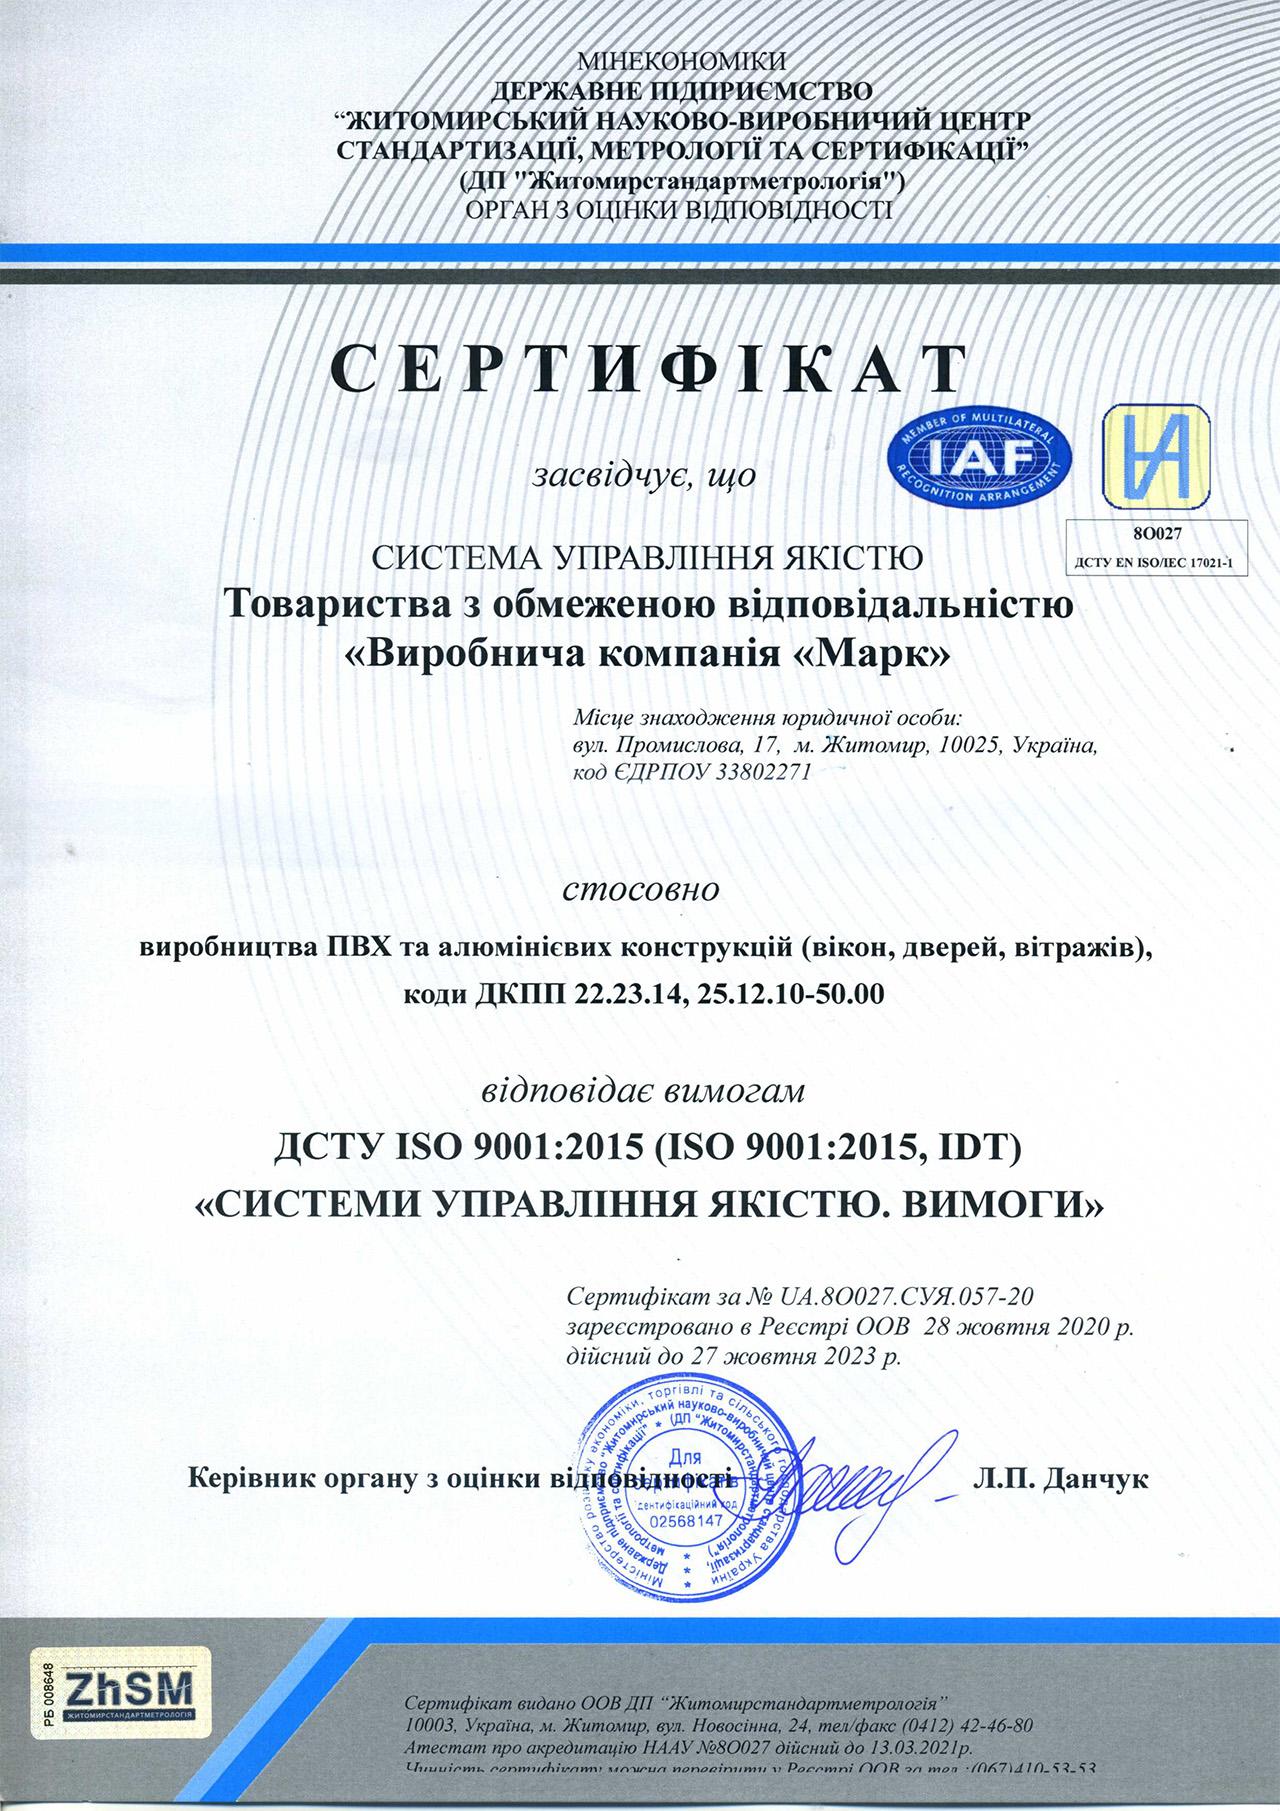 Сертифікат стосовно виробництва ПВХ та алюмінієвих конструкцій ДСТУ ISO 9001:2015